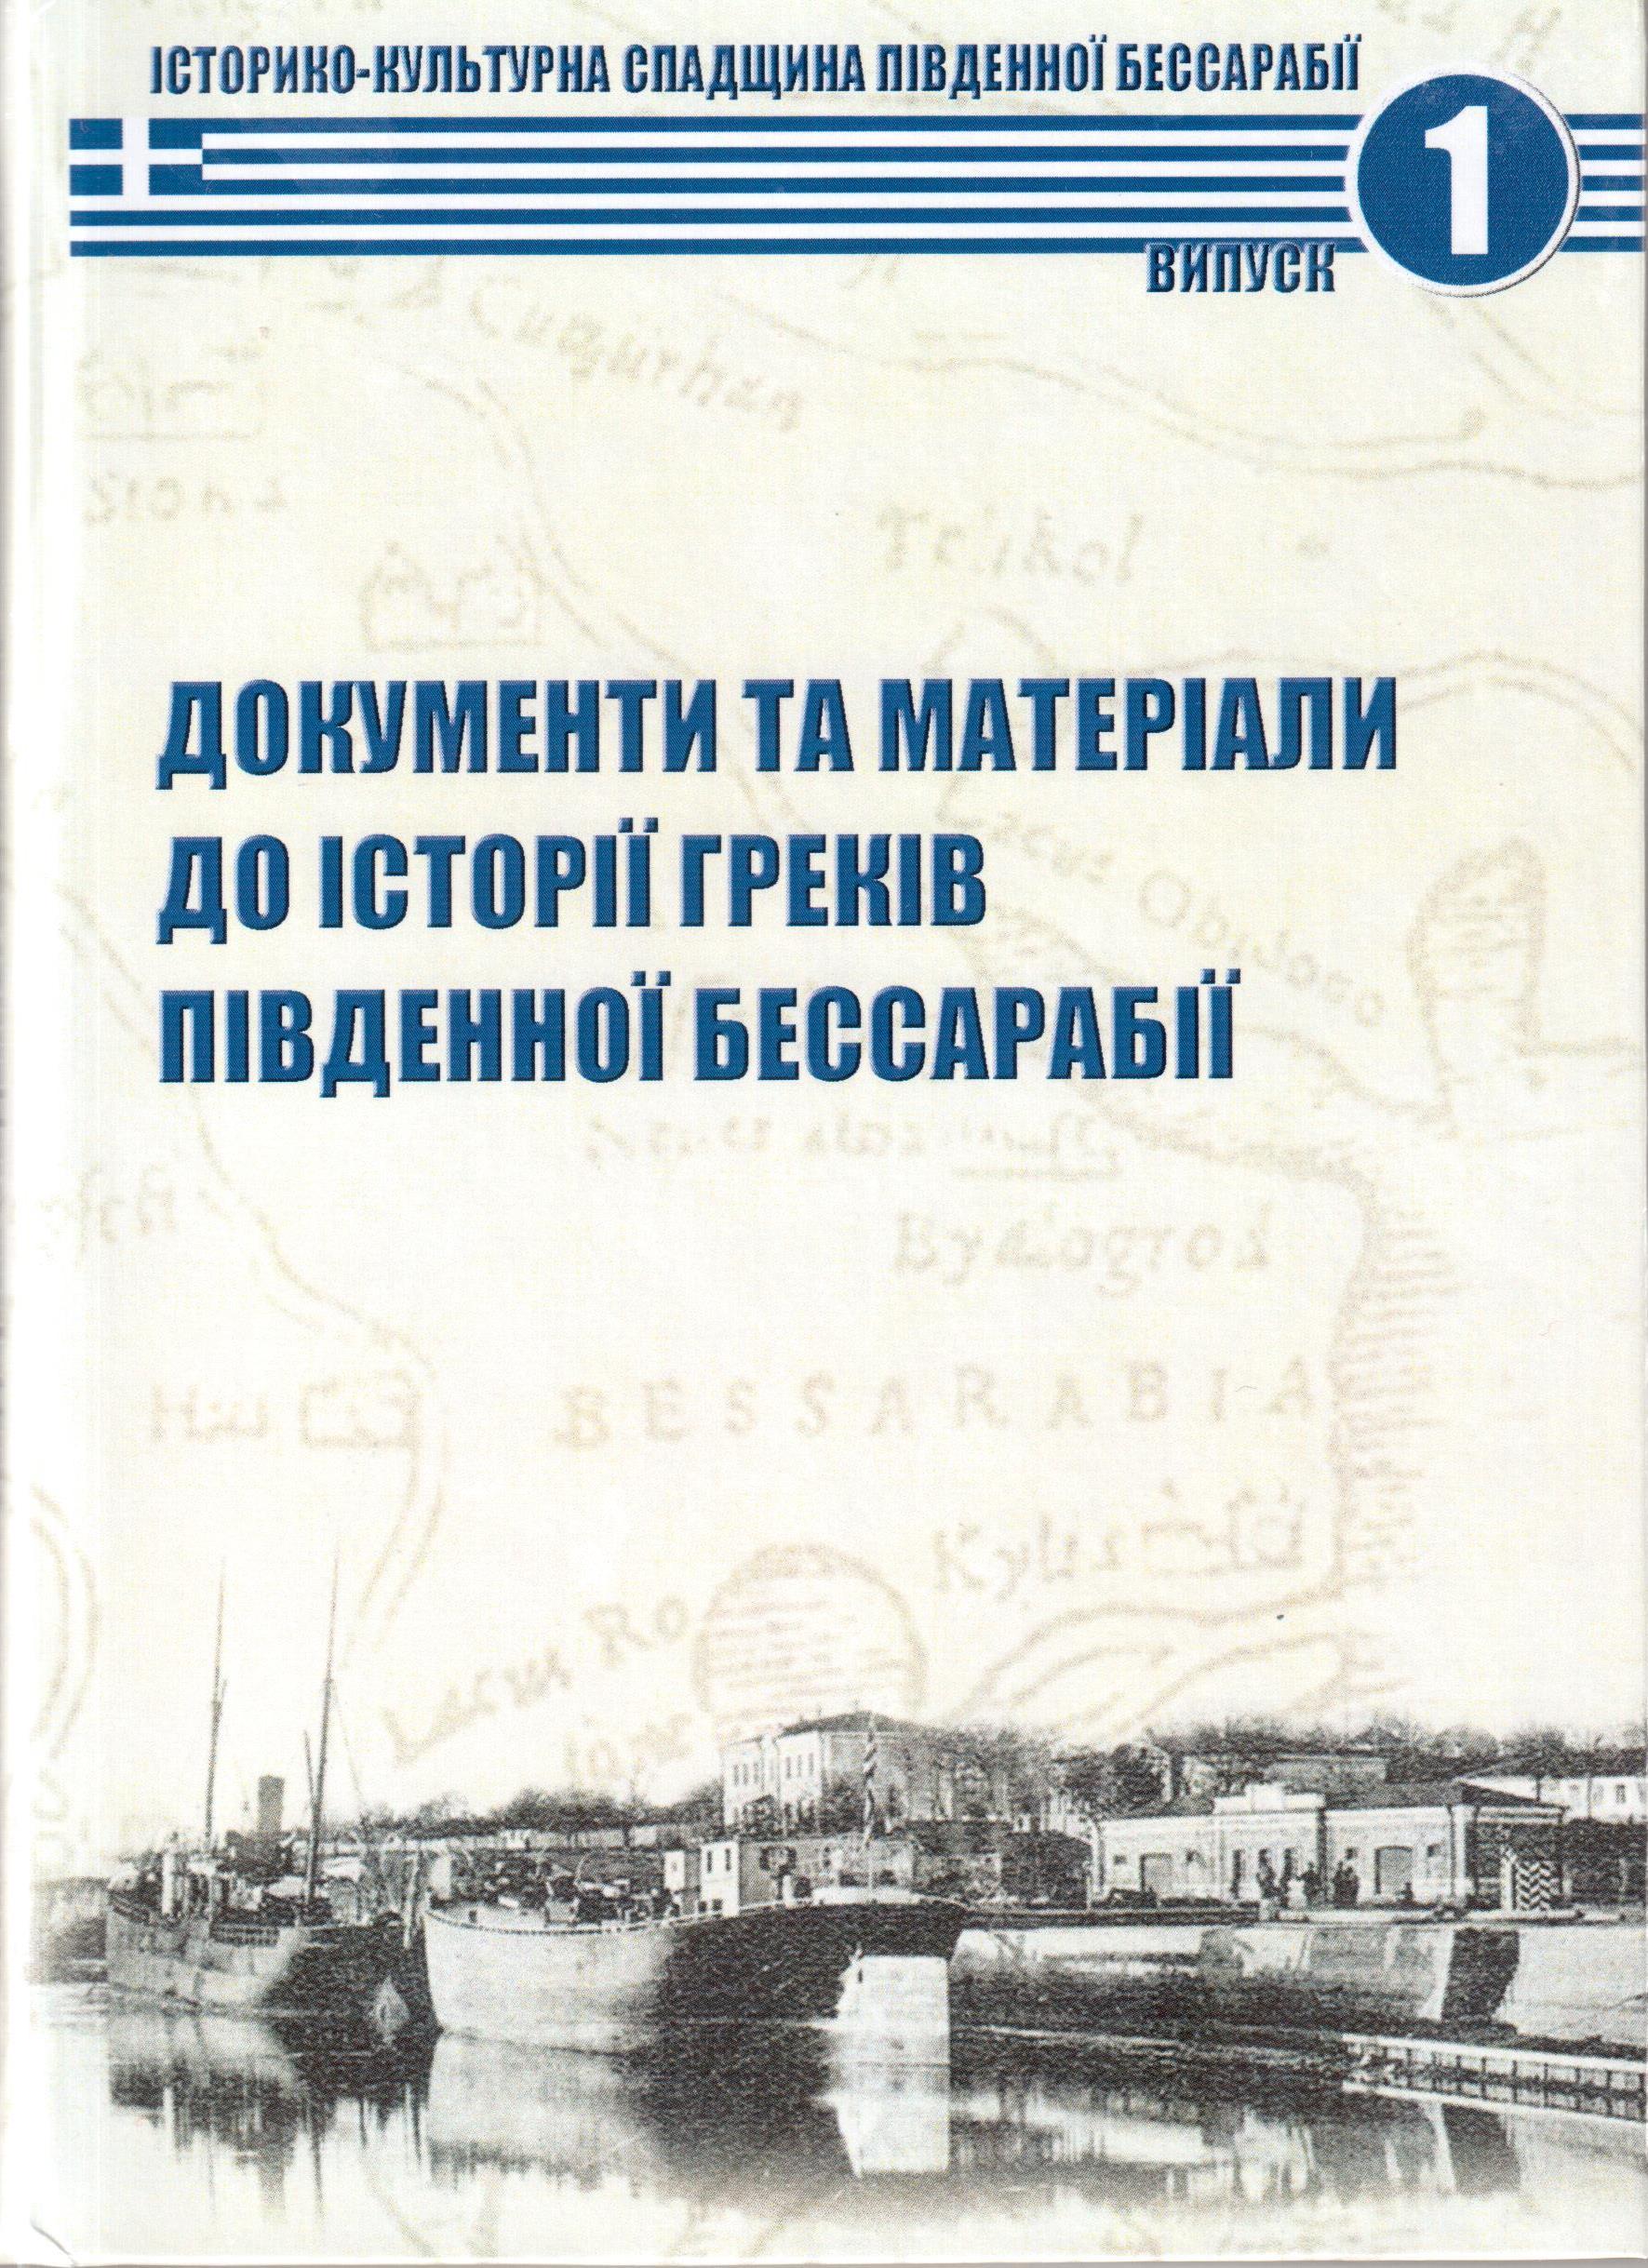 Документи та матеріали до історії греків Південної Бессарабії.